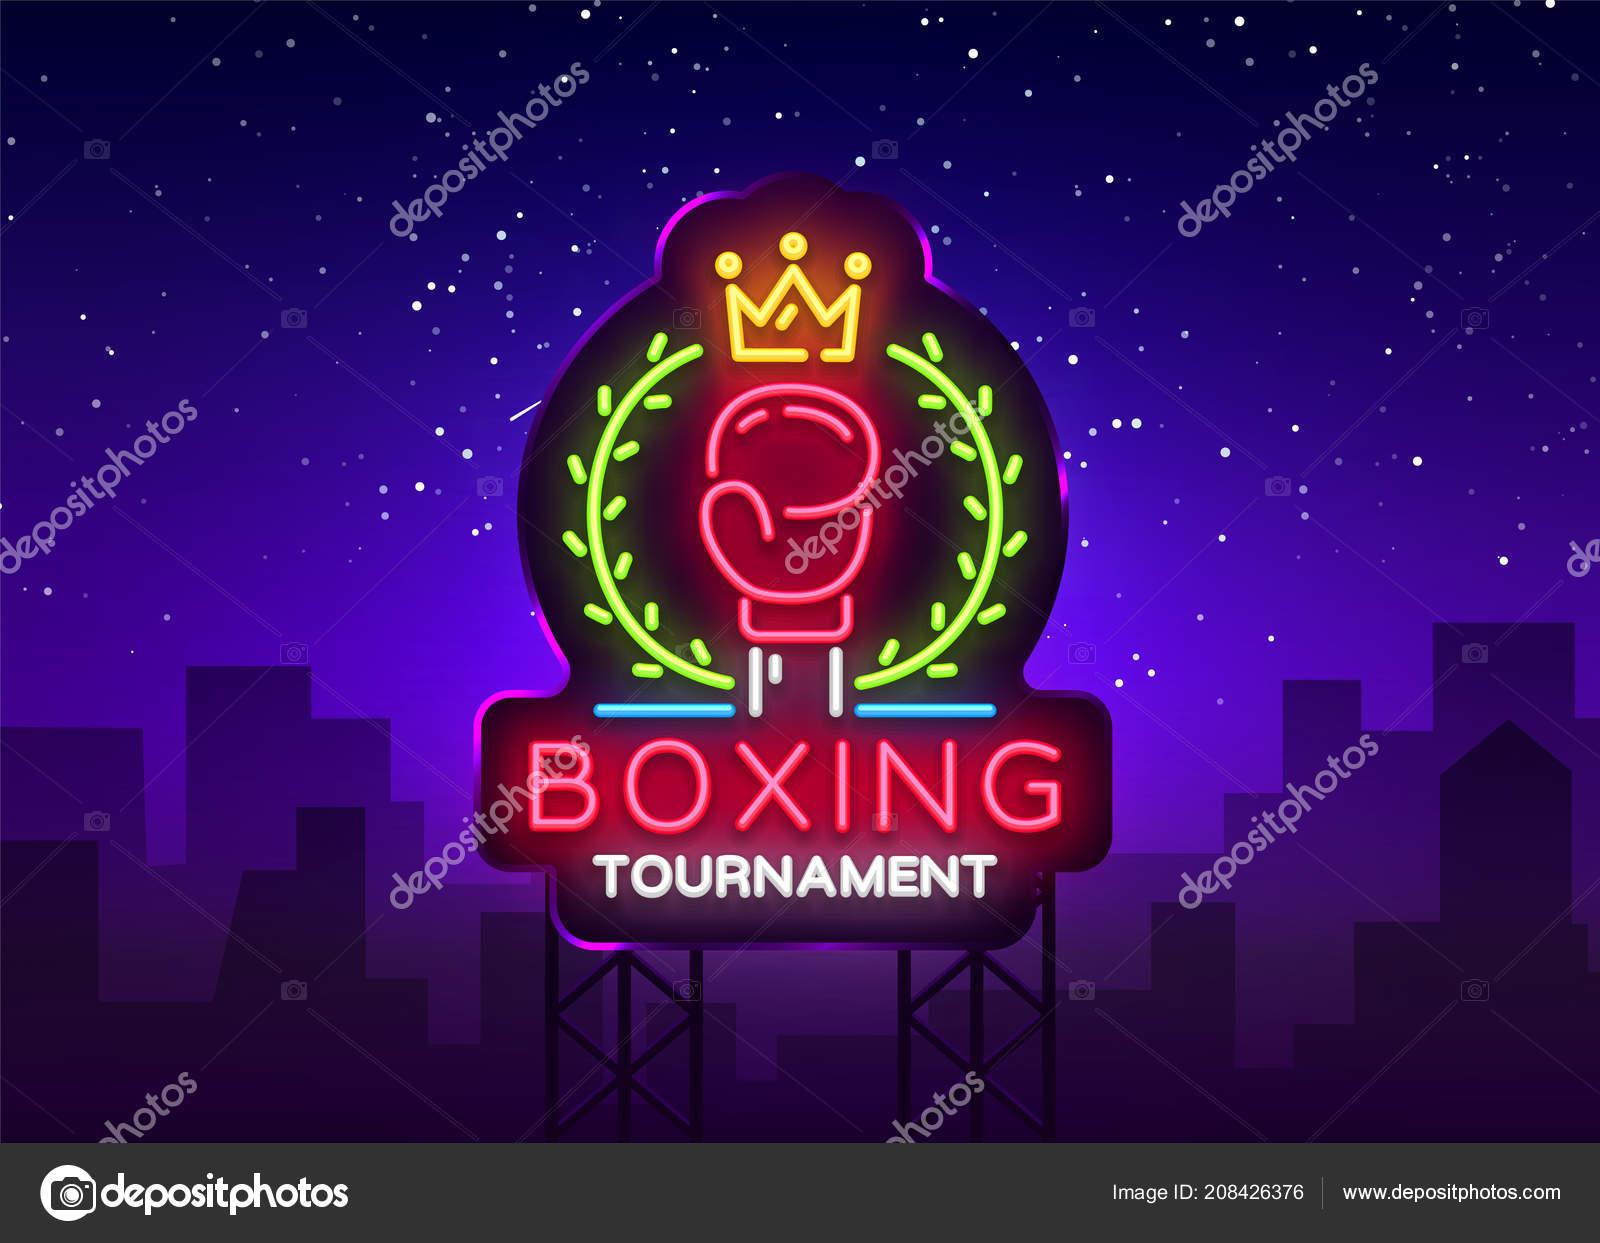 Sinal de néon do boxe vetor modelo de design  Boxe torneio